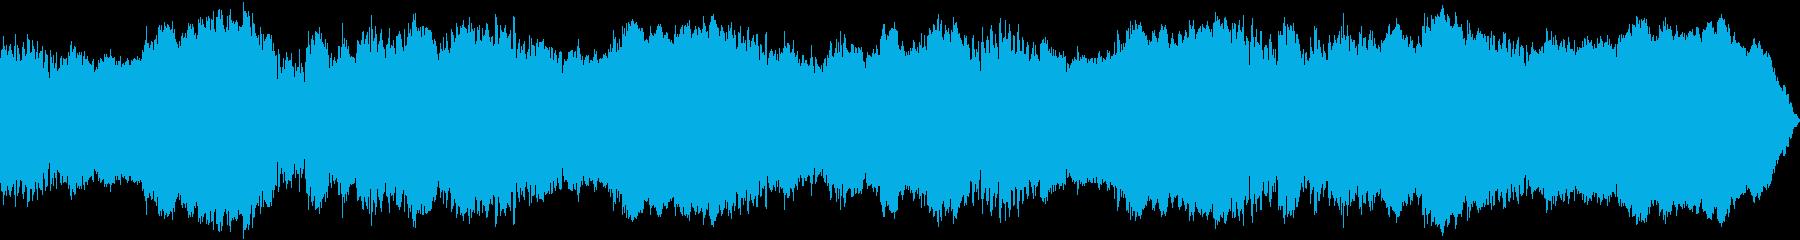 不気味な雰囲気のサスペンス向けBGMの再生済みの波形